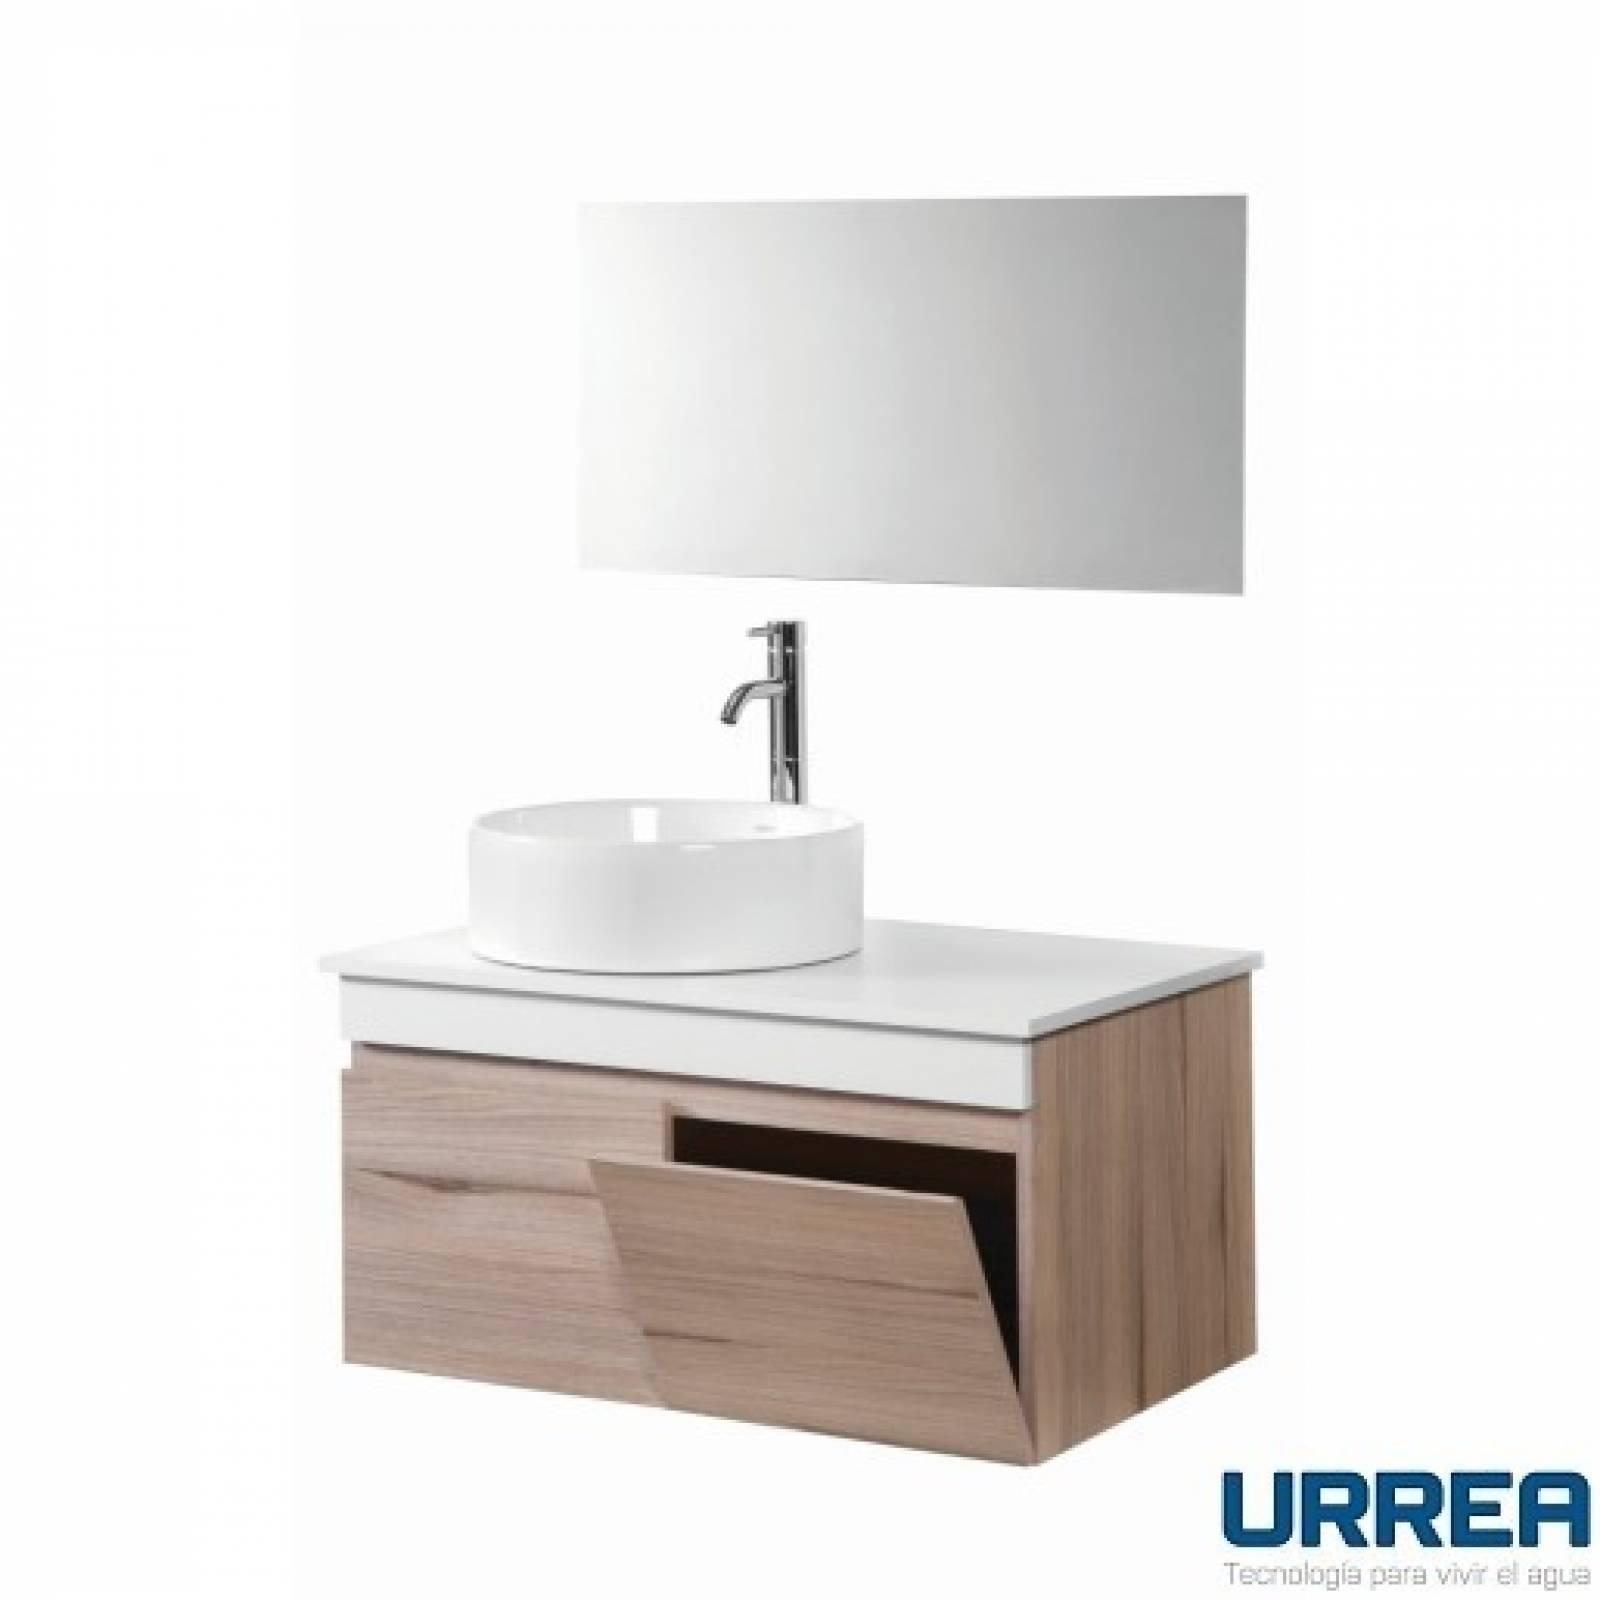 Gabinete suspendido Con Espejo para baño GB.911GB.35 URREA